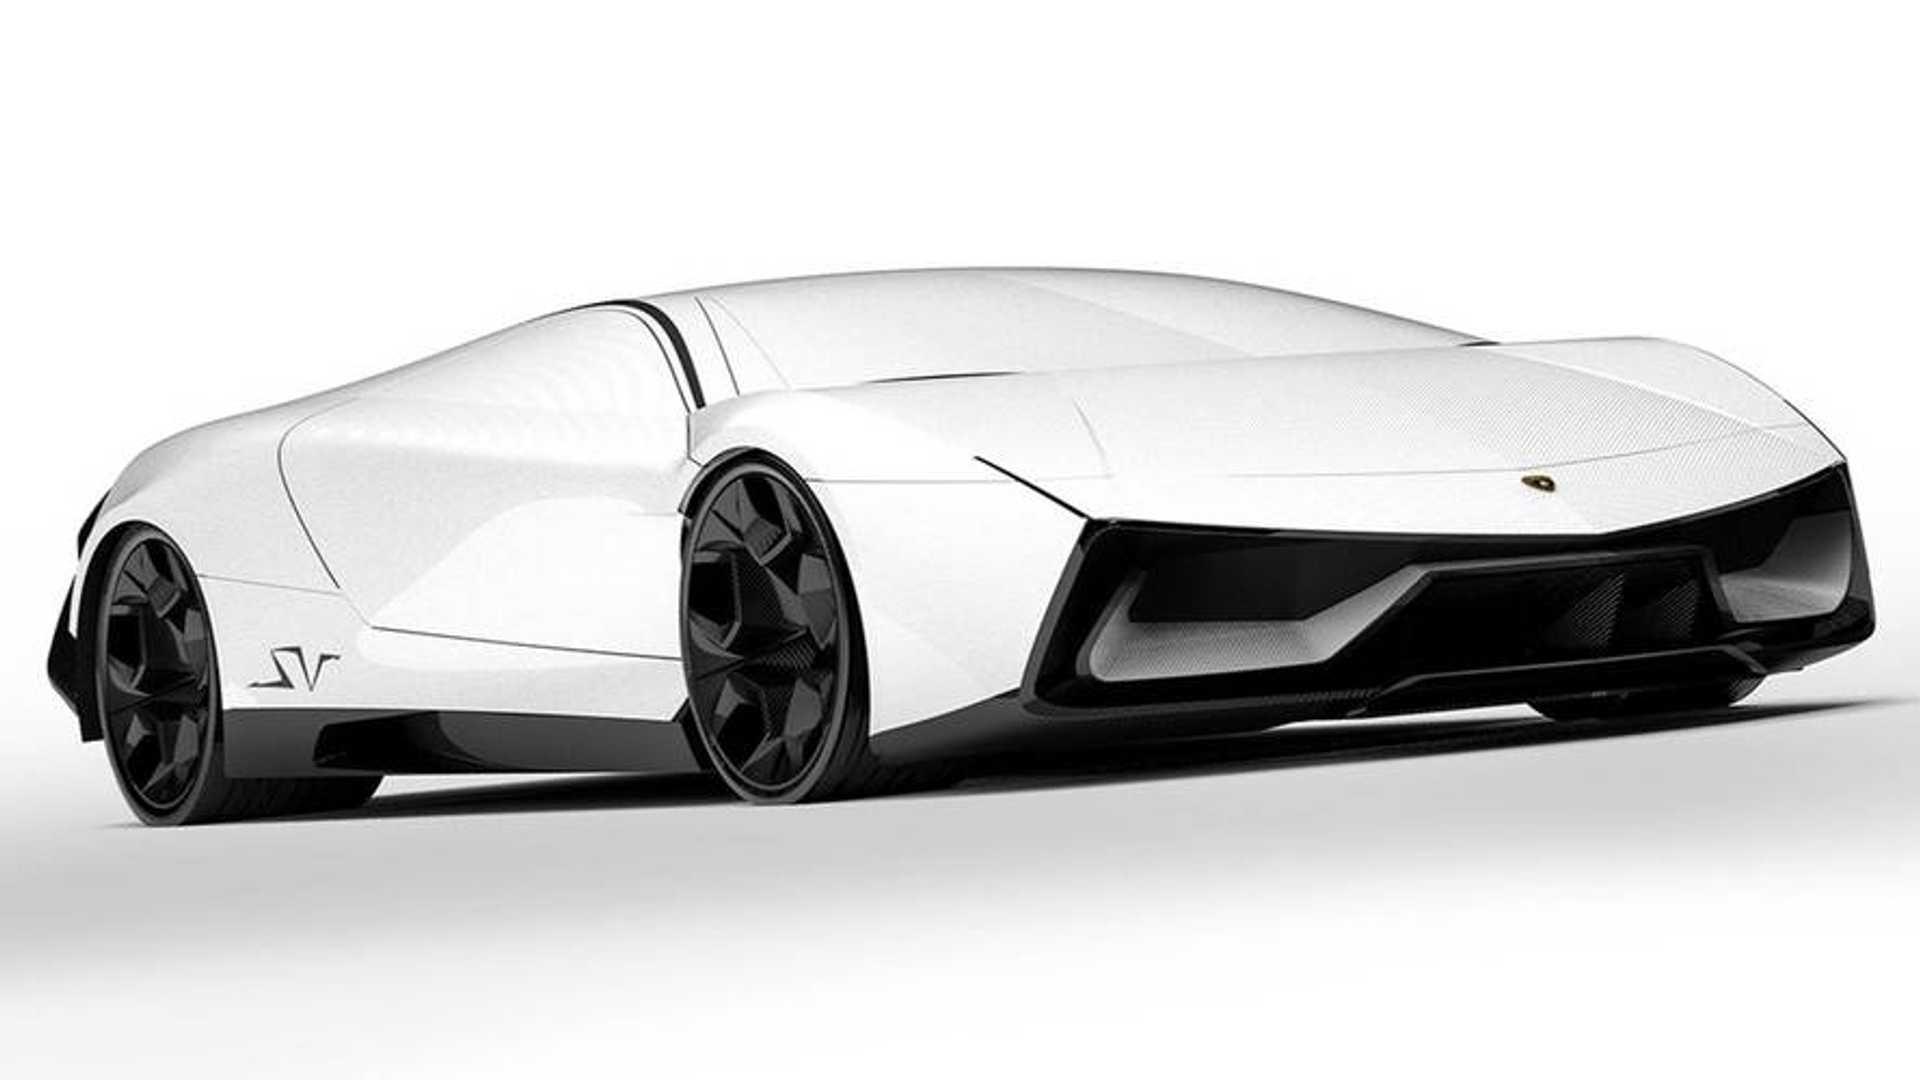 Lamborghini Pura Sv Is A Sleek Stunning Look At Lambo S Future